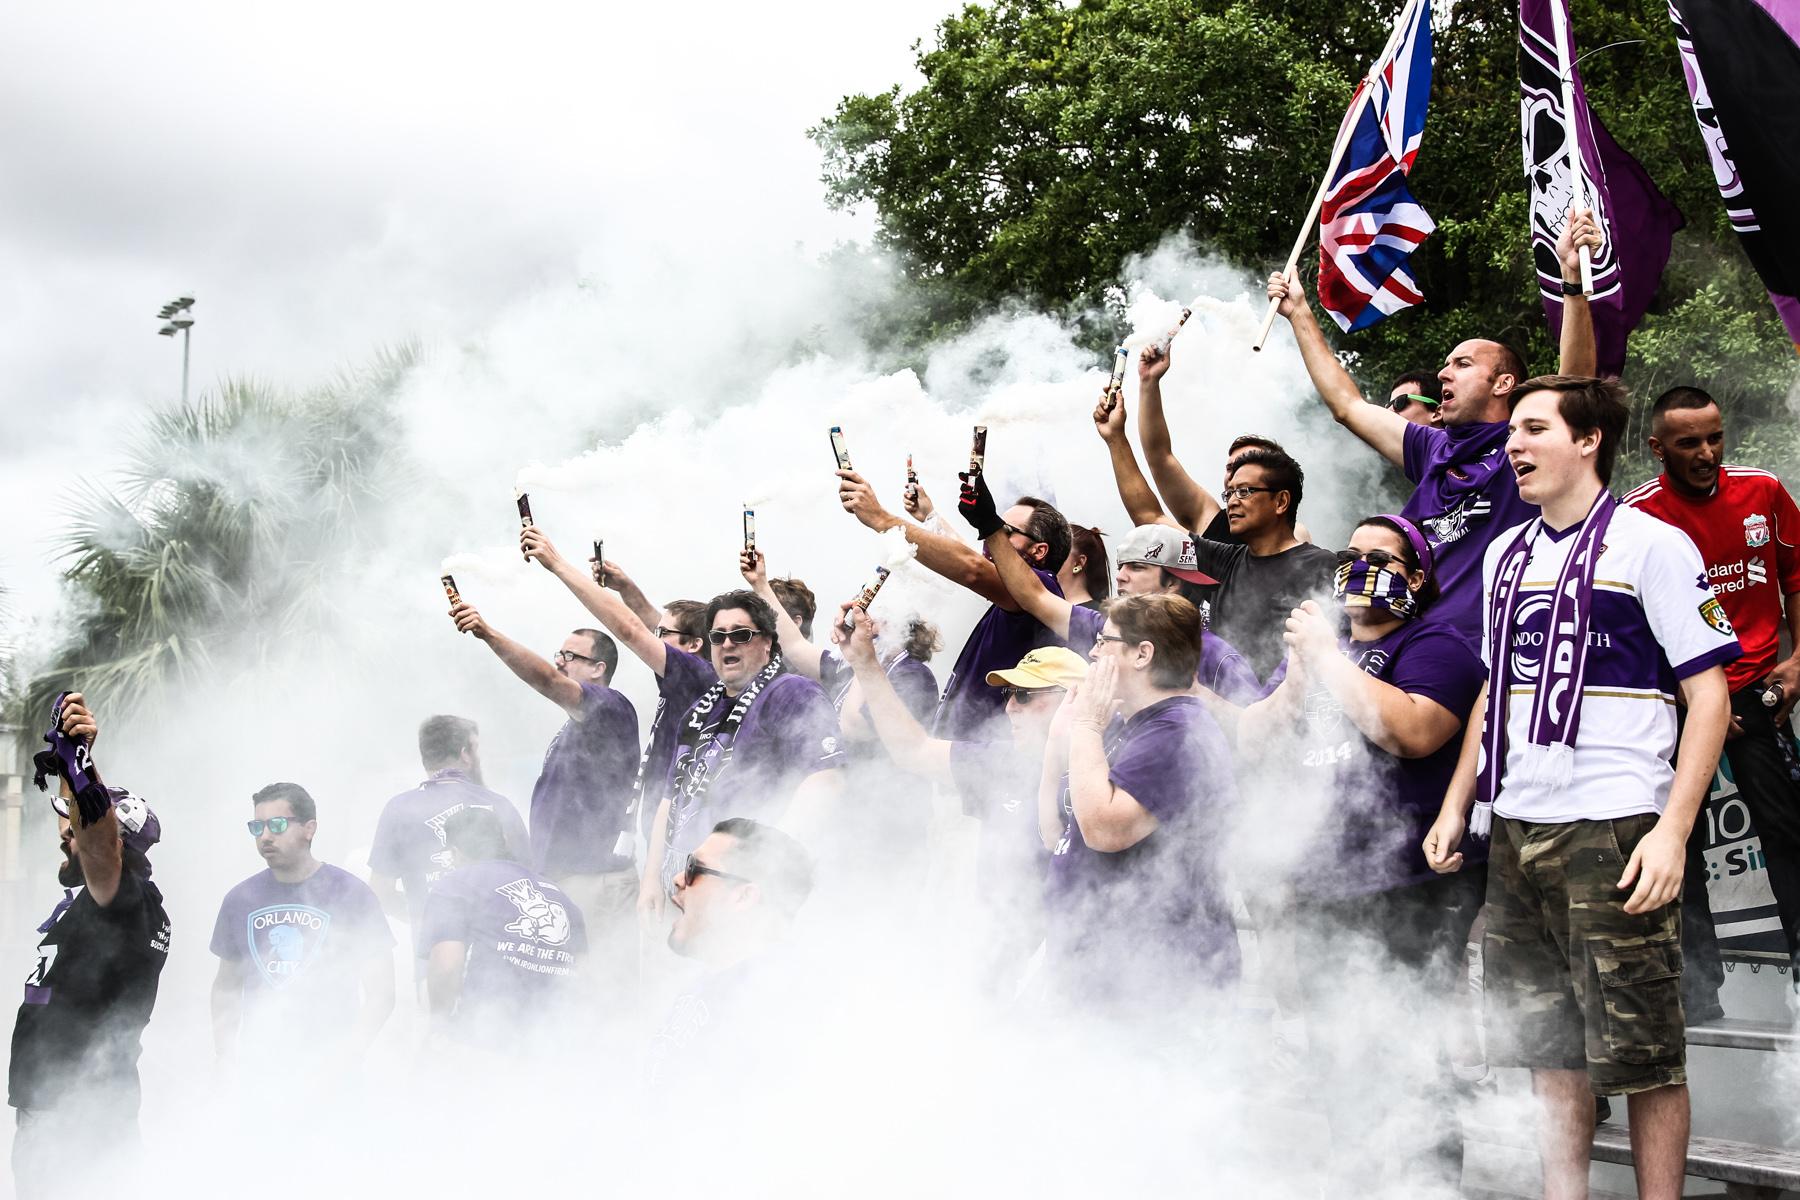 orlando soccer, soccer city, orlando city soccer, orlando city, usa soccer, soccer world cup, us soccer, Iron lion firm, iron lion